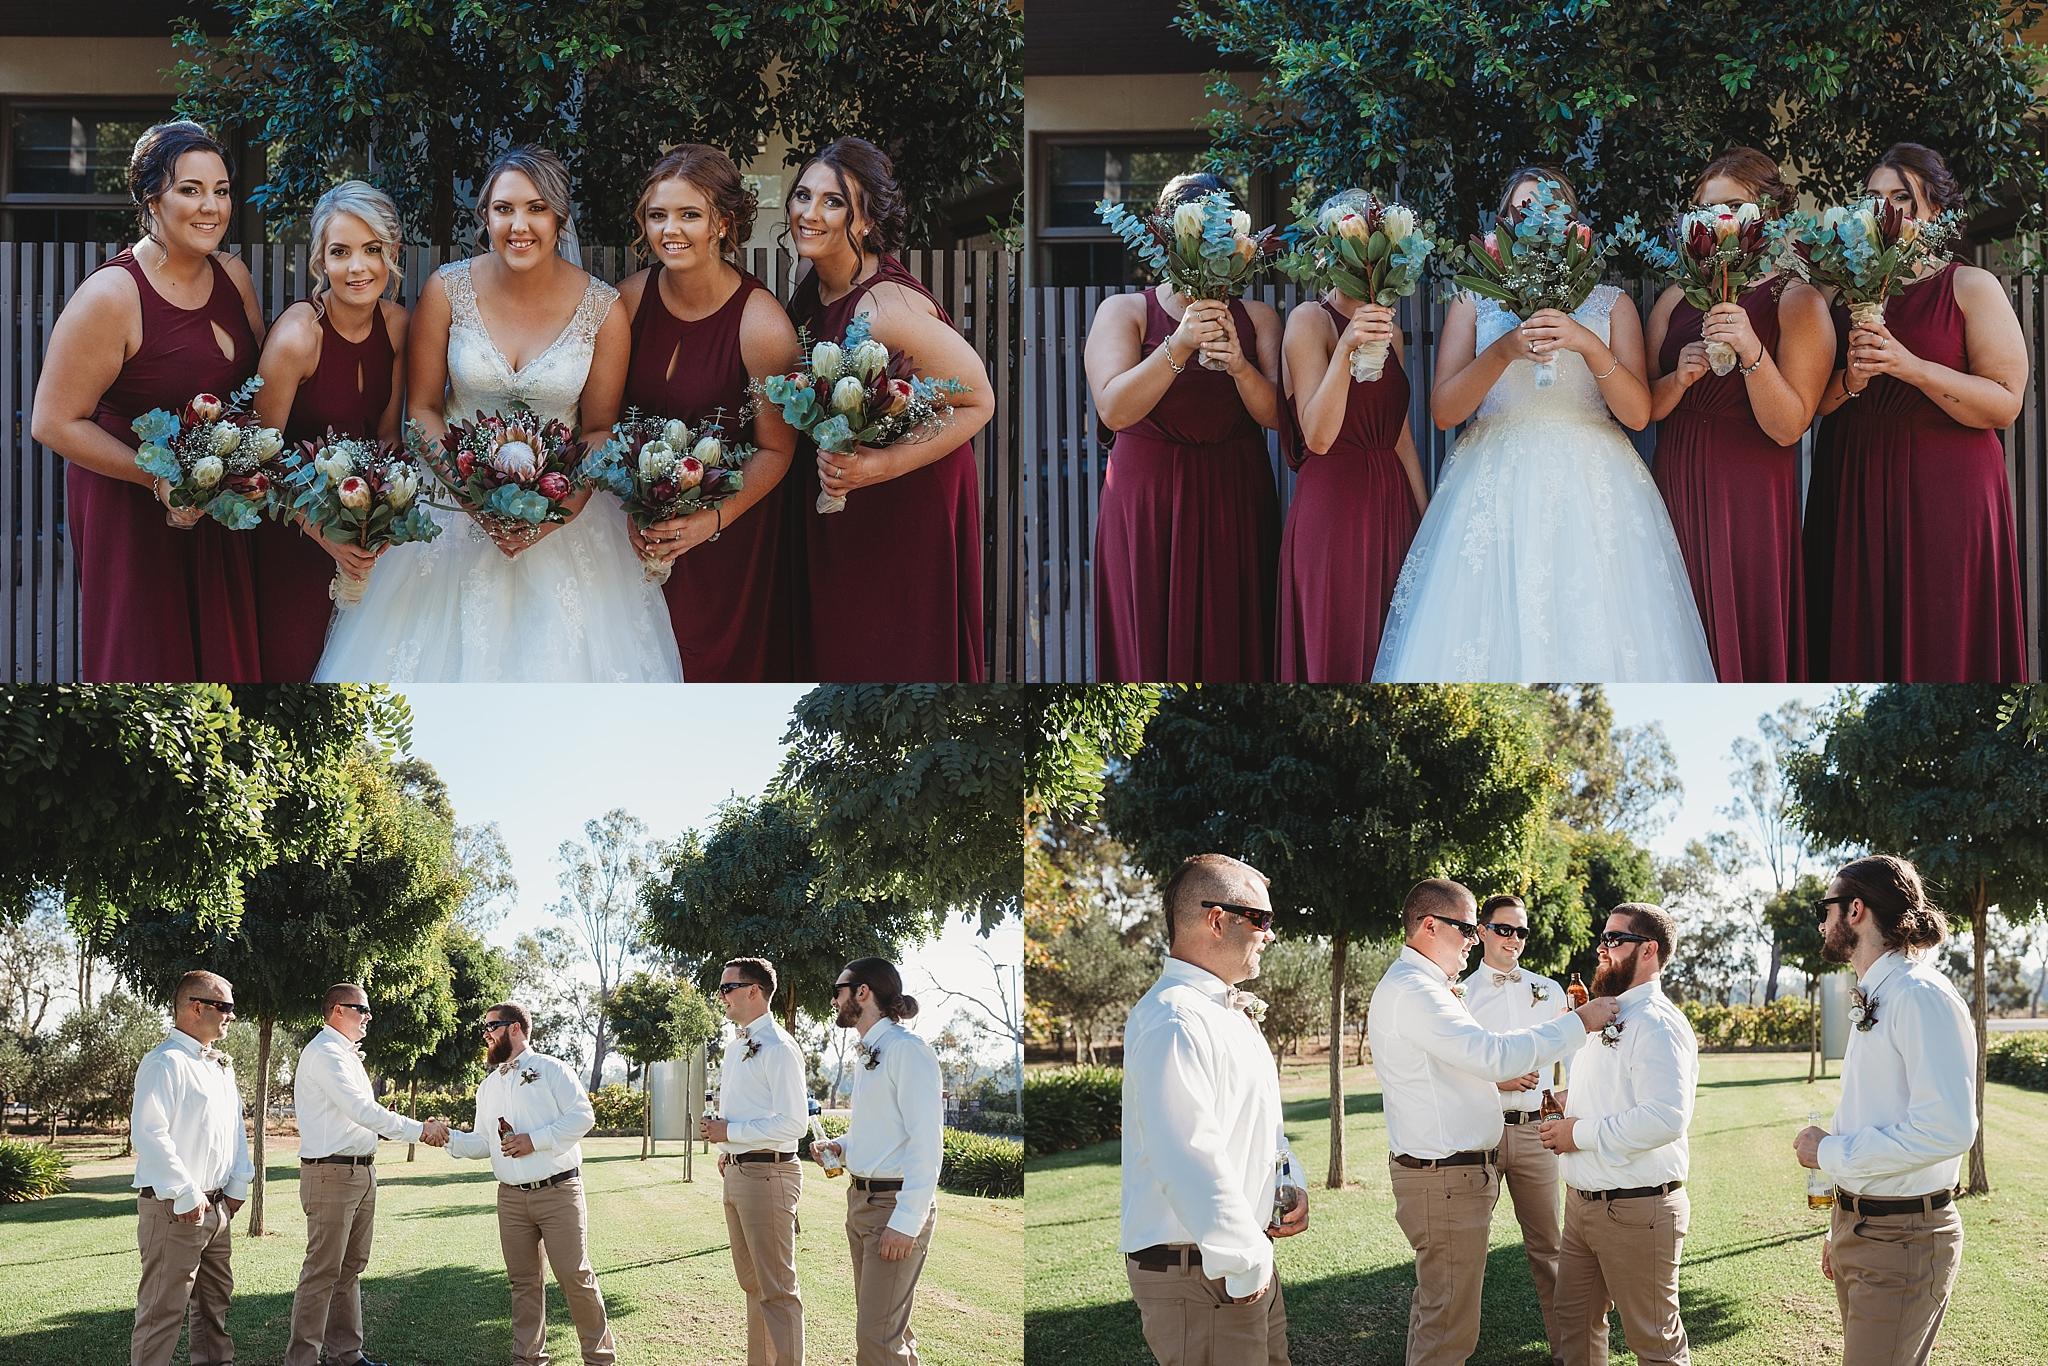 shepparton bridal party photographer